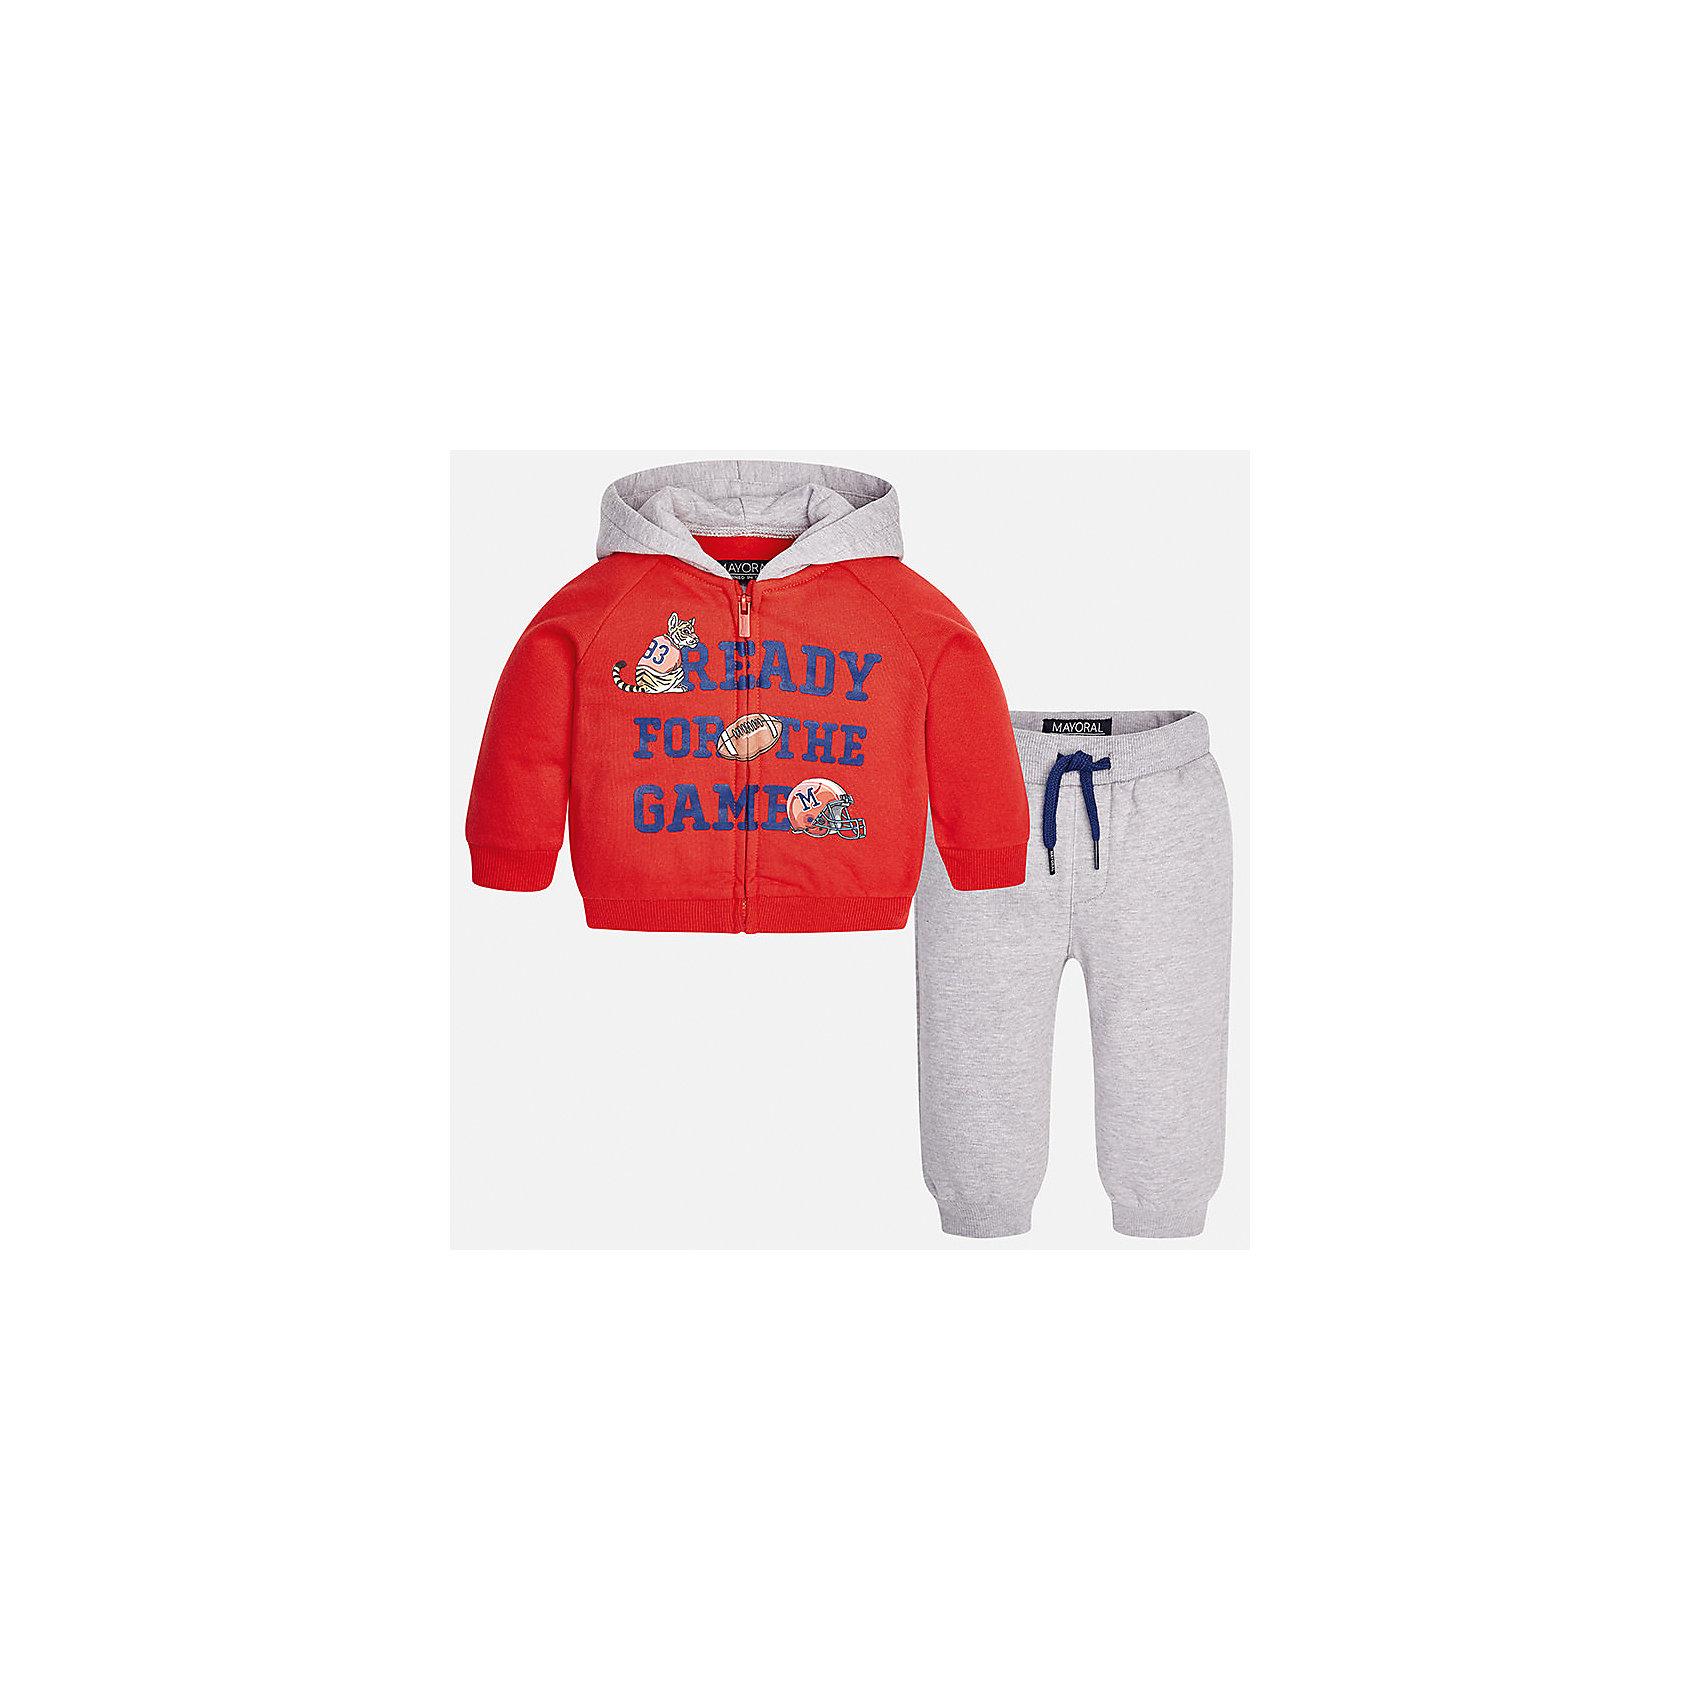 Спортивный костюм для мальчика MayoralКомплекты<br>Характеристики товара:<br><br>• цвет: красный<br>• состав ткани: 60% хлопок, 40% полиэстер<br>• комплектация: куртка, брюки<br>• сезон: демисезон<br>• особенности модели: спортивный стиль<br>• застежка: молния<br>• длинные рукава<br>• пояс брюк: резинка, шнурок<br>• страна бренда: Испания<br>• страна изготовитель: Индия<br><br>Яркий детский комплект из спортивной курточки и брюк подойдет для занятий спортом. Отличный способ обеспечить ребенку тепло и комфорт - надеть детский спортивный костюм от Mayoral. Детский спортивный костюм сшит из приятного на ощупь материала. Спортивный костюм для мальчика Mayoral удобно сидит по фигуре.<br><br>Спортивный костюм для мальчика Mayoral (Майорал) можно купить в нашем интернет-магазине.<br><br>Ширина мм: 247<br>Глубина мм: 16<br>Высота мм: 140<br>Вес г: 225<br>Цвет: красный<br>Возраст от месяцев: 24<br>Возраст до месяцев: 36<br>Пол: Мужской<br>Возраст: Детский<br>Размер: 98,80,74,86,92<br>SKU: 6935510